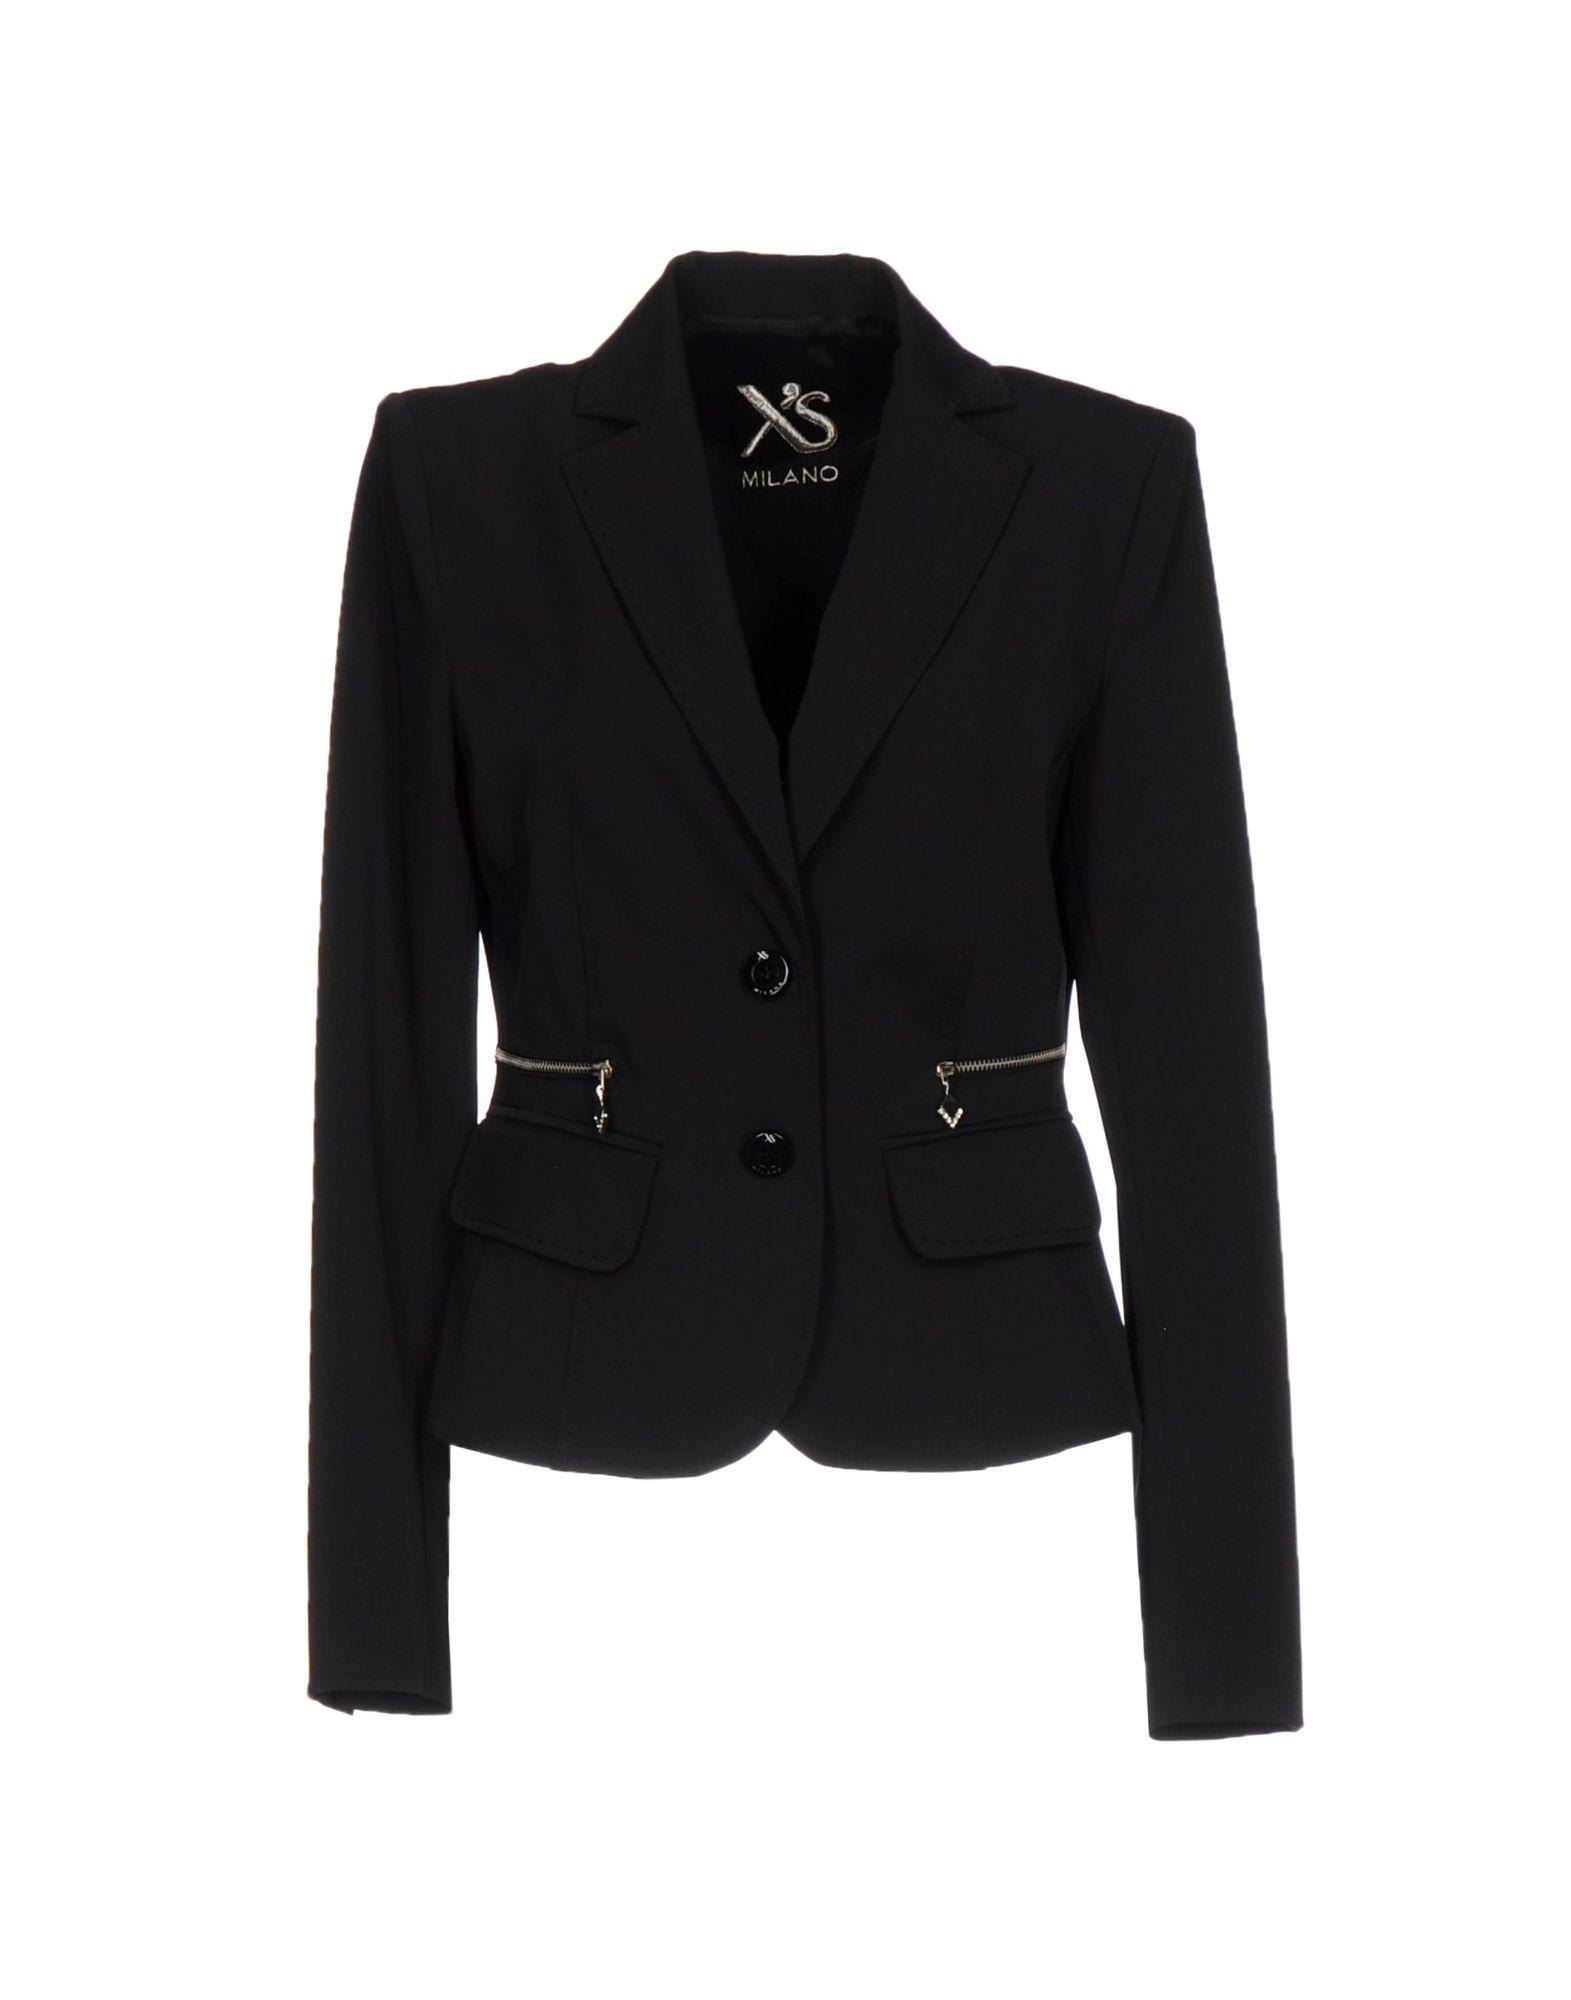 X´S MILANO Damen Jackett Farbe Schwarz Größe 5